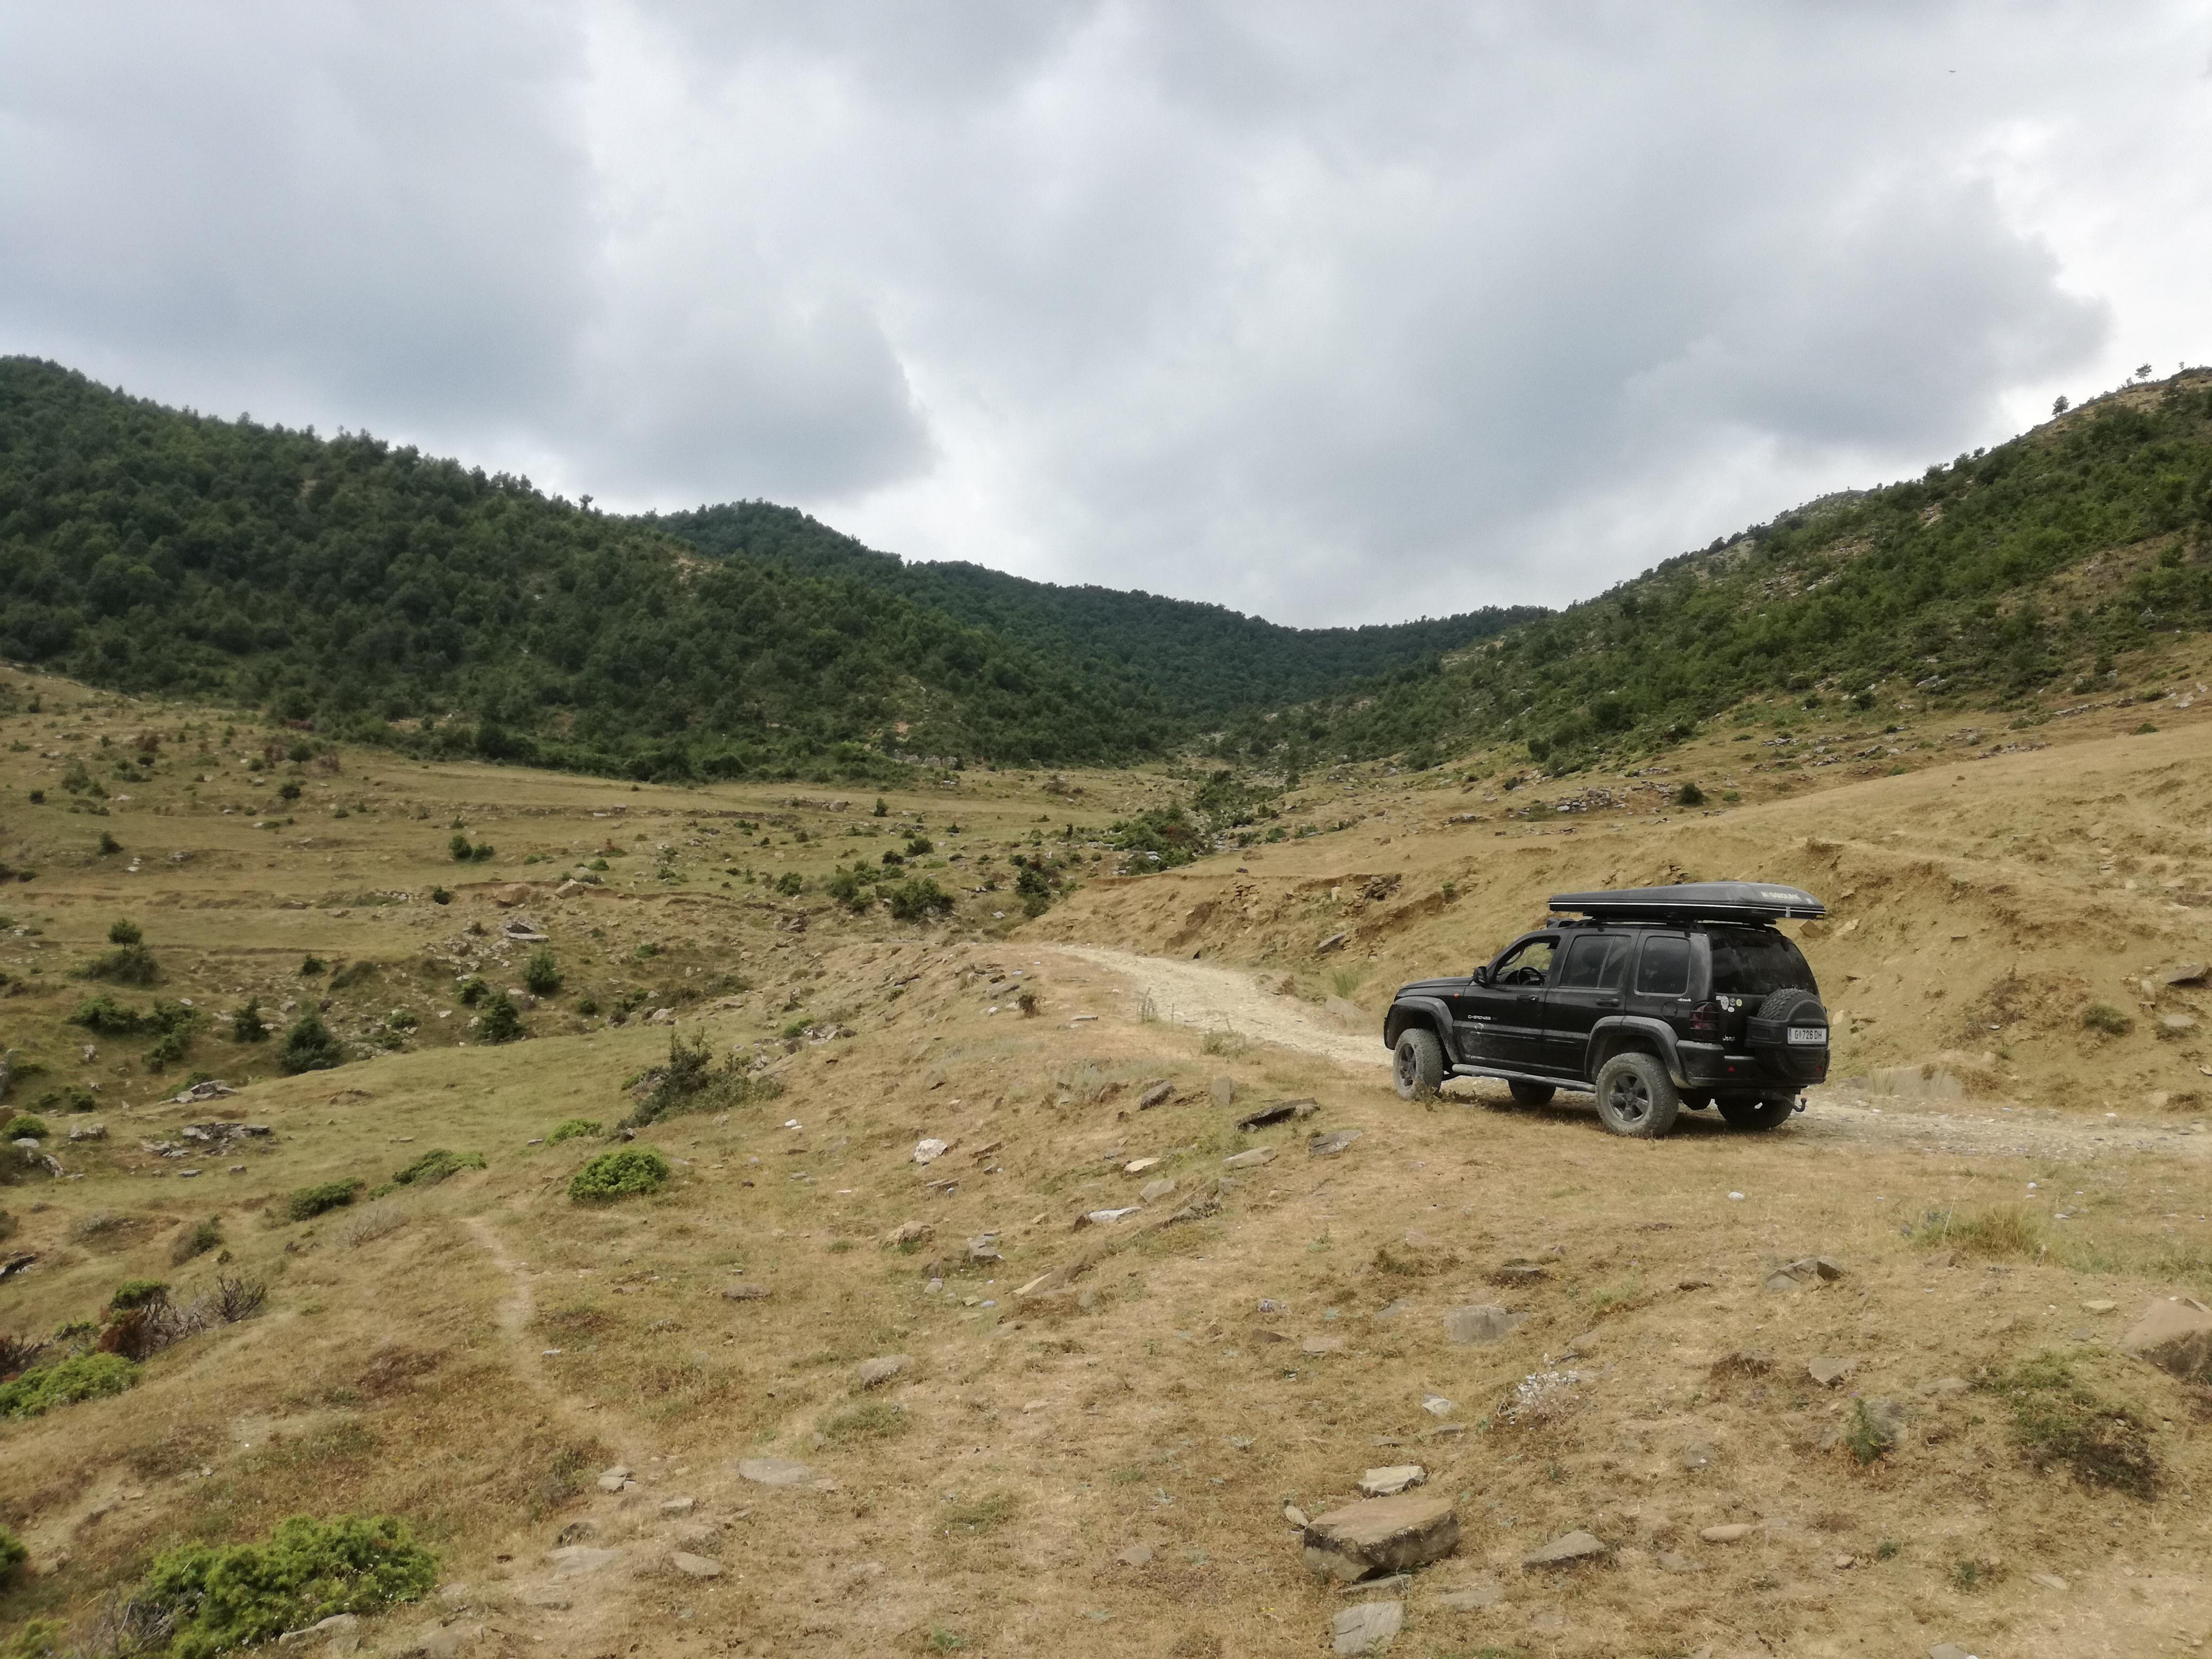 Offroad in Albanien - Karge Landschaft, aber großer Offroad-Fahrspaß im albanischen Hinterland